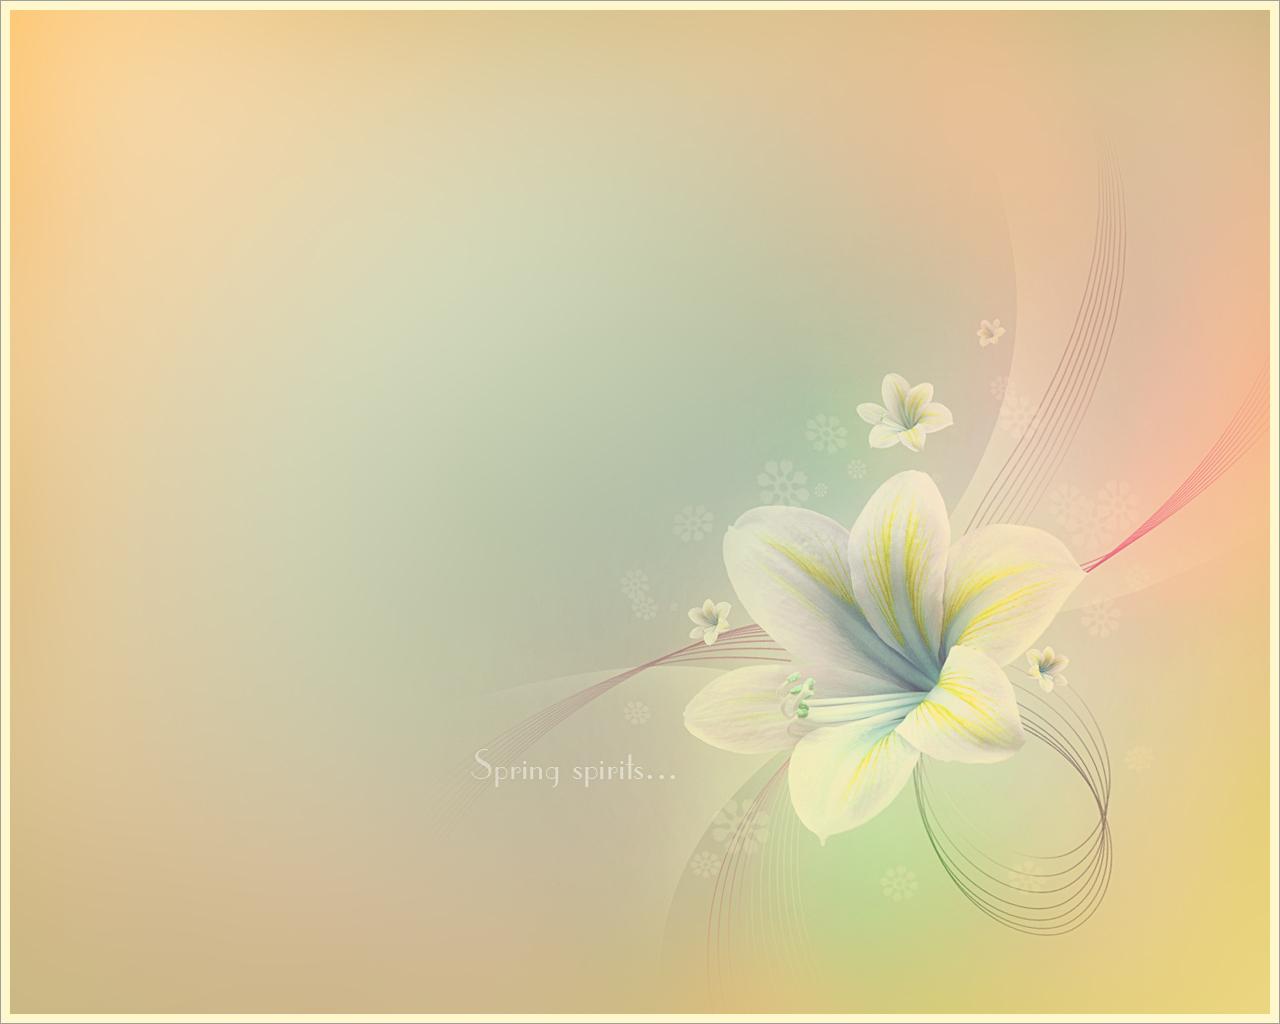 Spring spirits